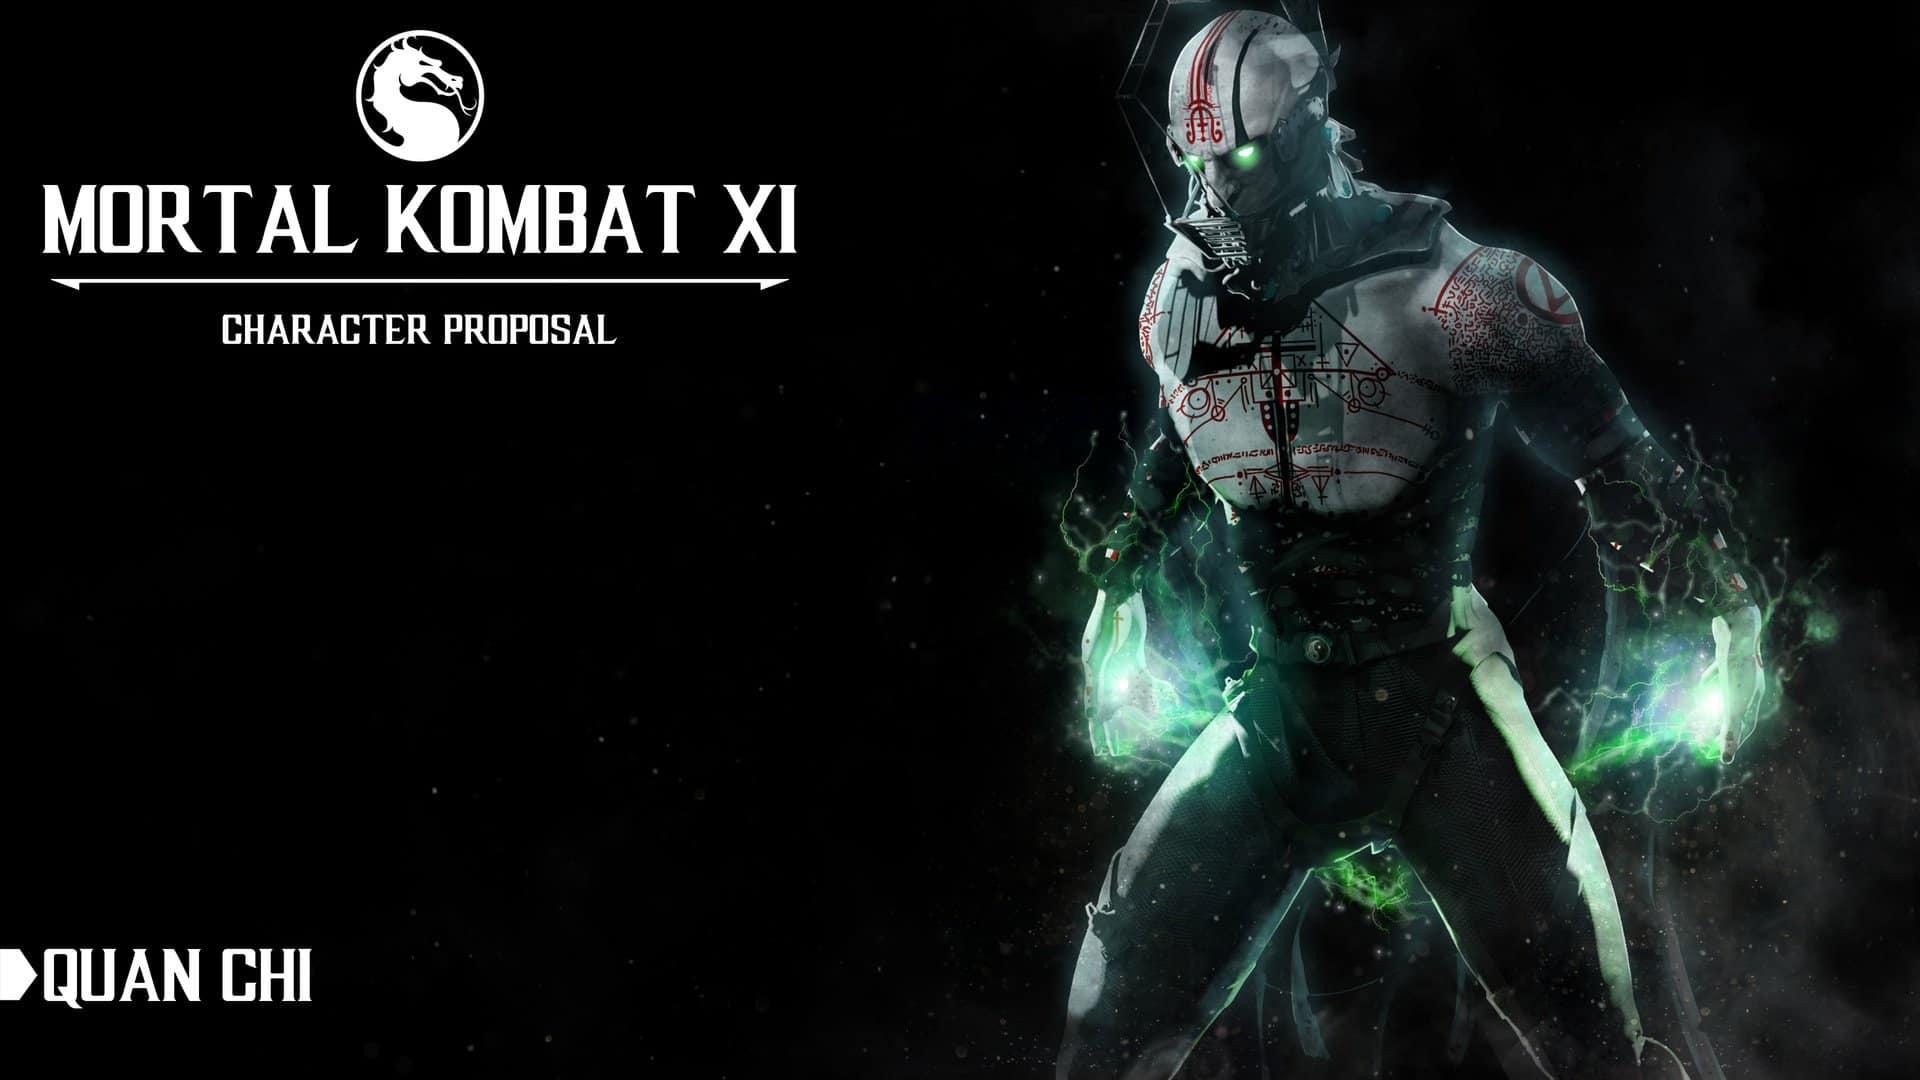 Mortal Kombat XI PC Full Game Free Download